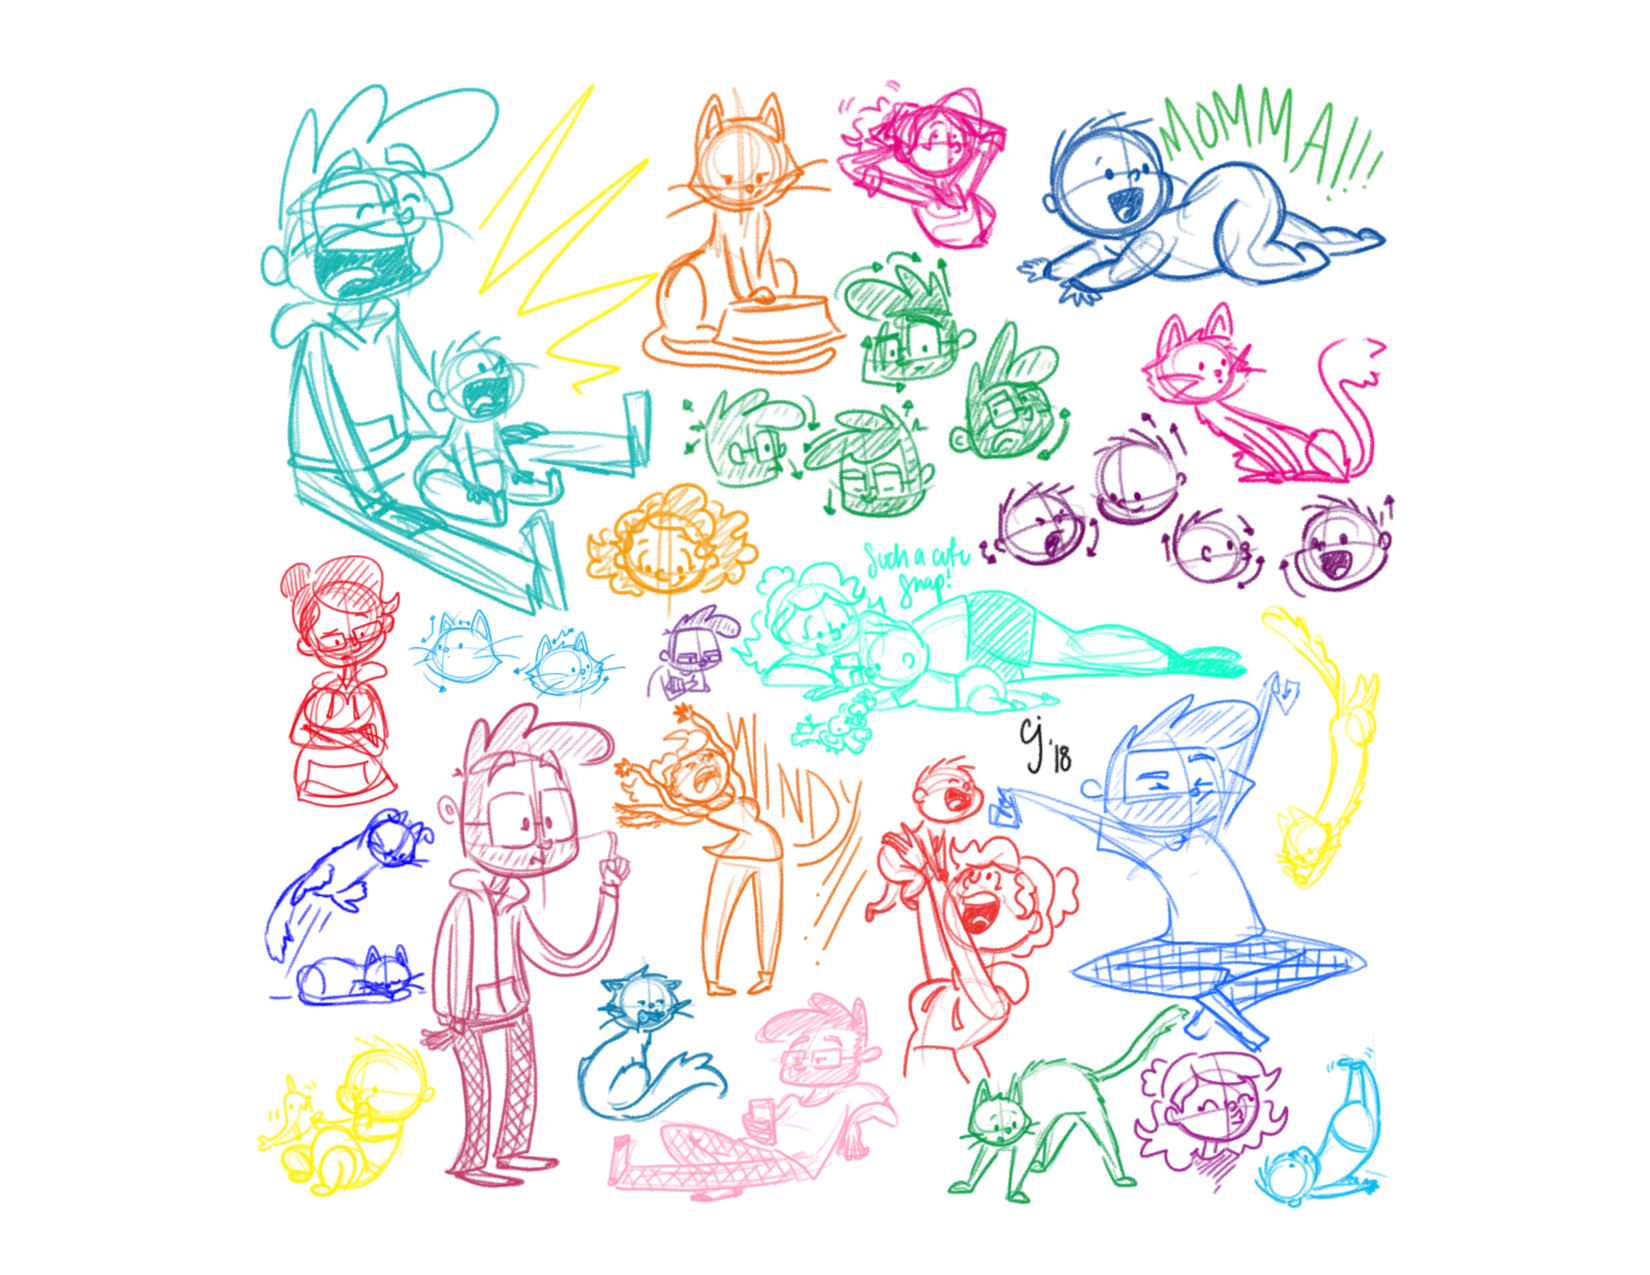 Jarney Sketches